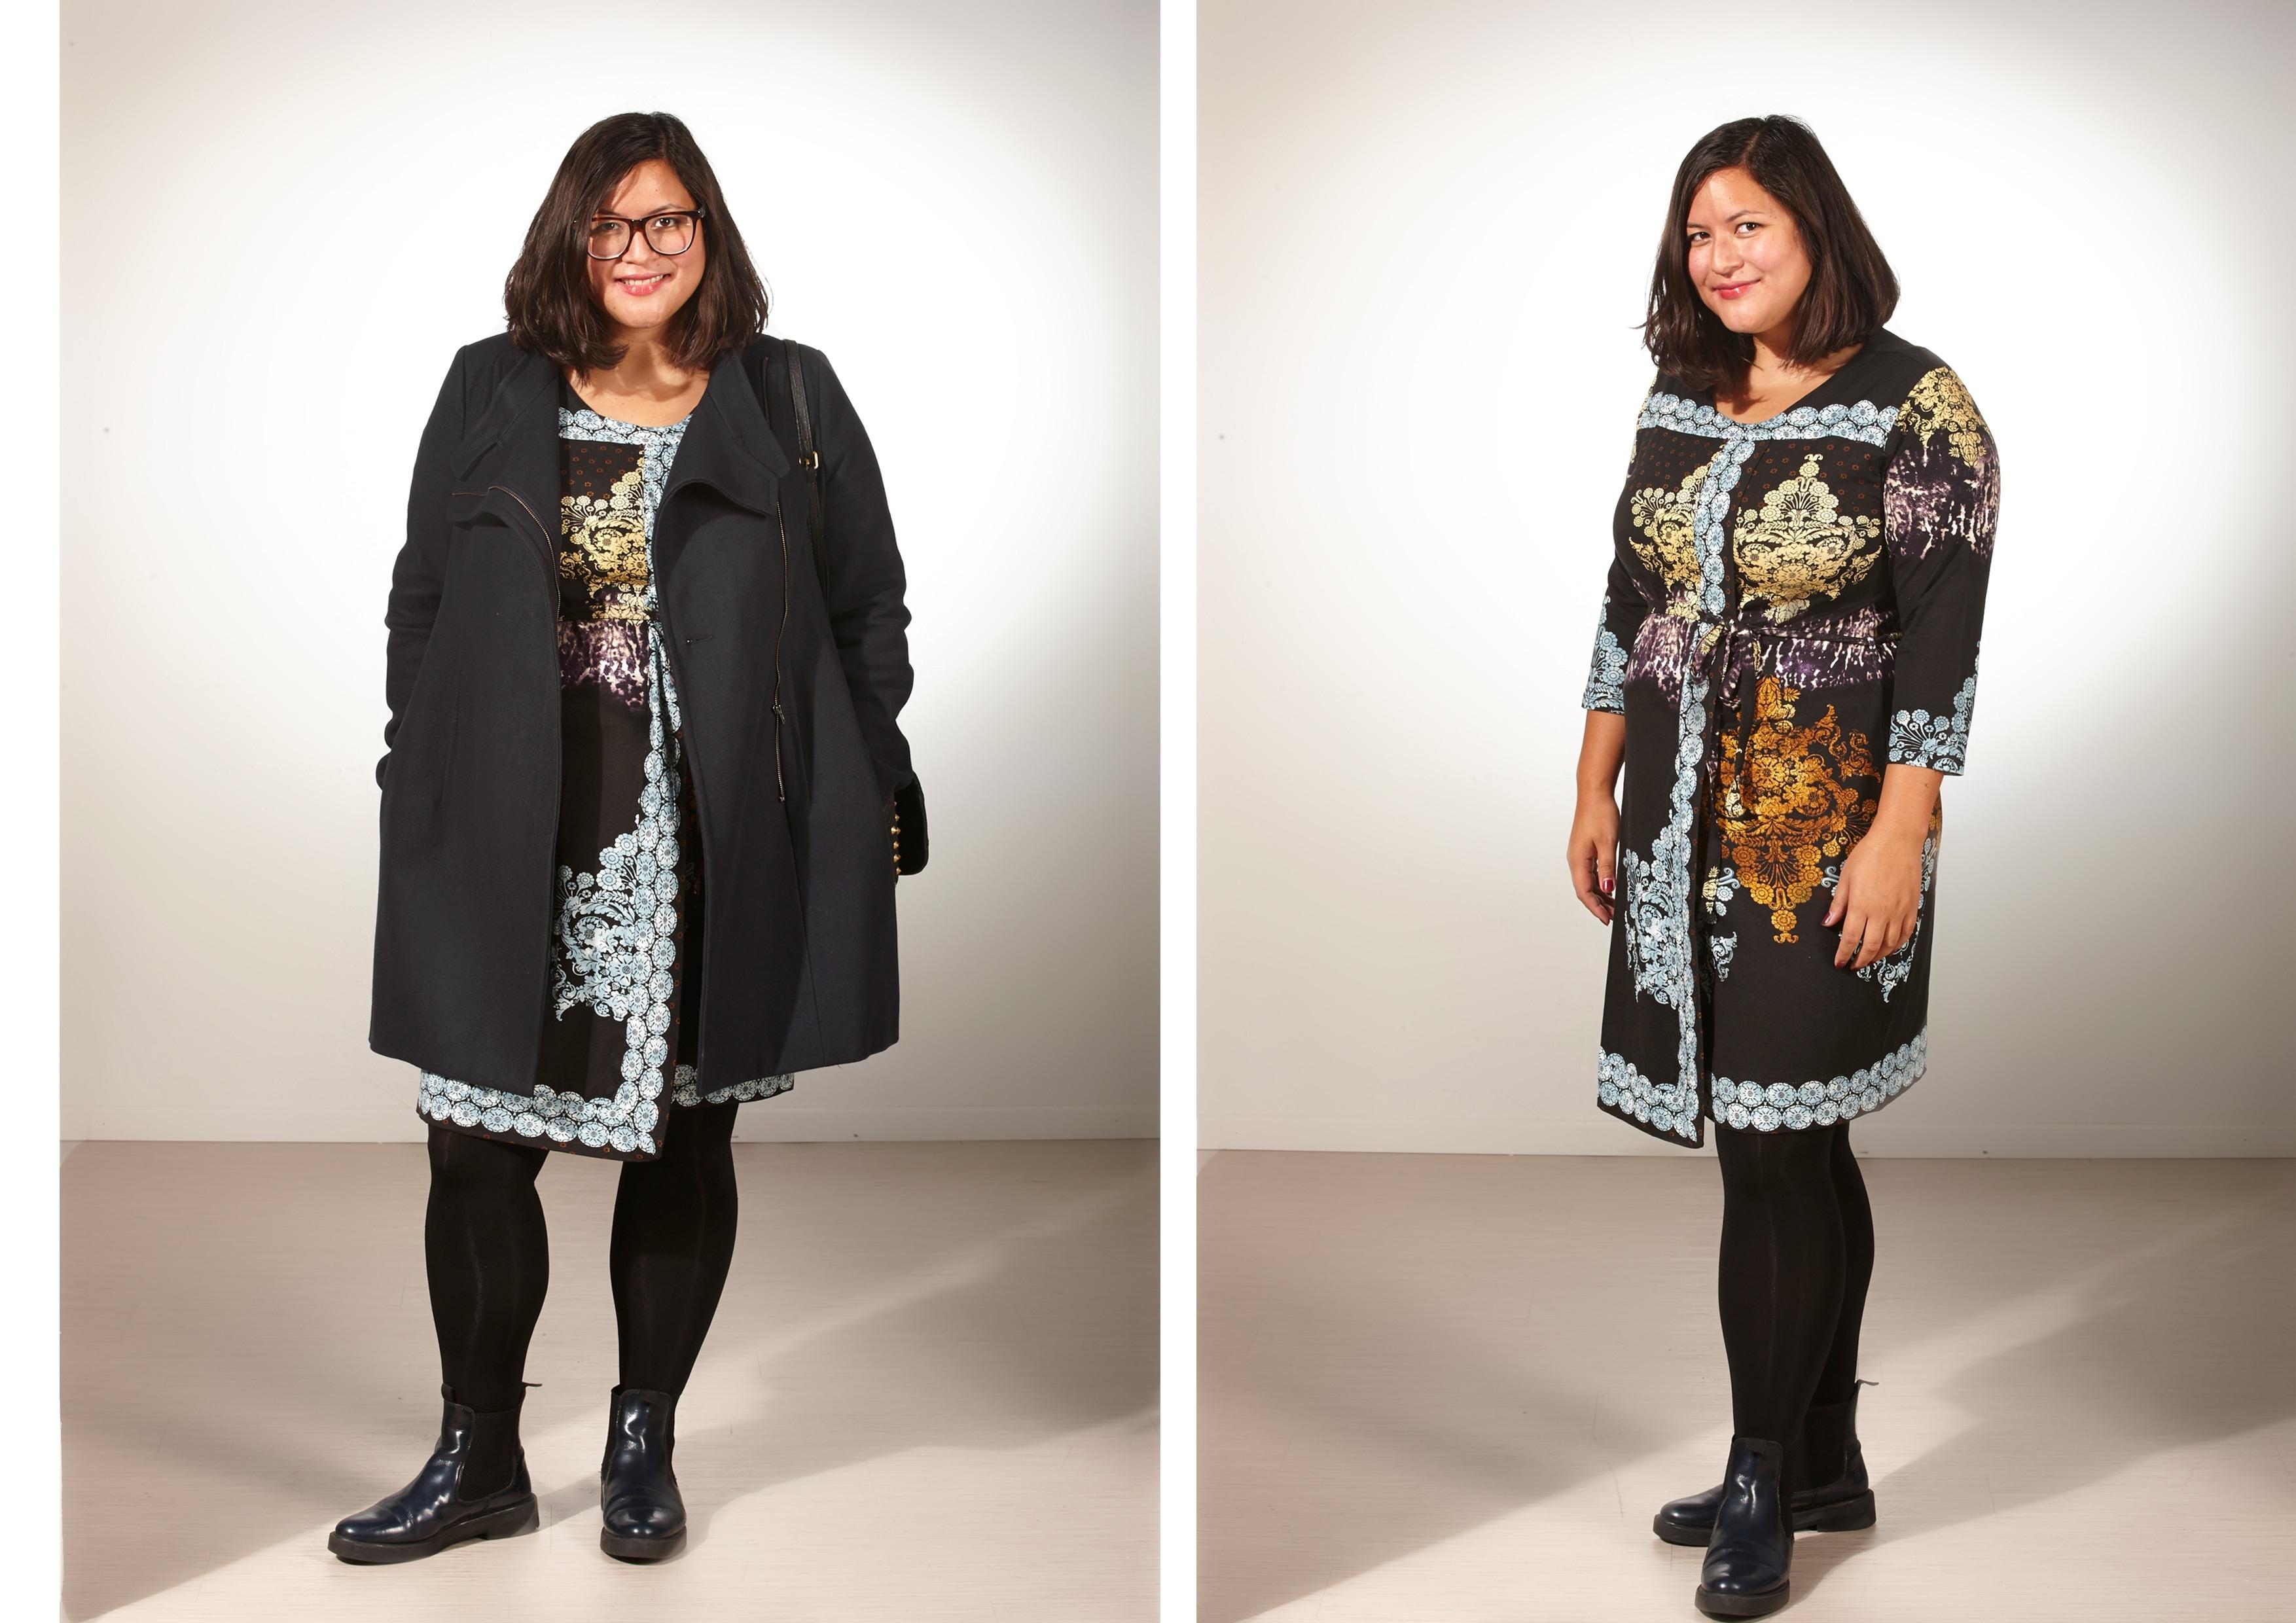 Ausgezeichnet Größe Kleider Ärmel15 Wunderbar Größe Kleider Design